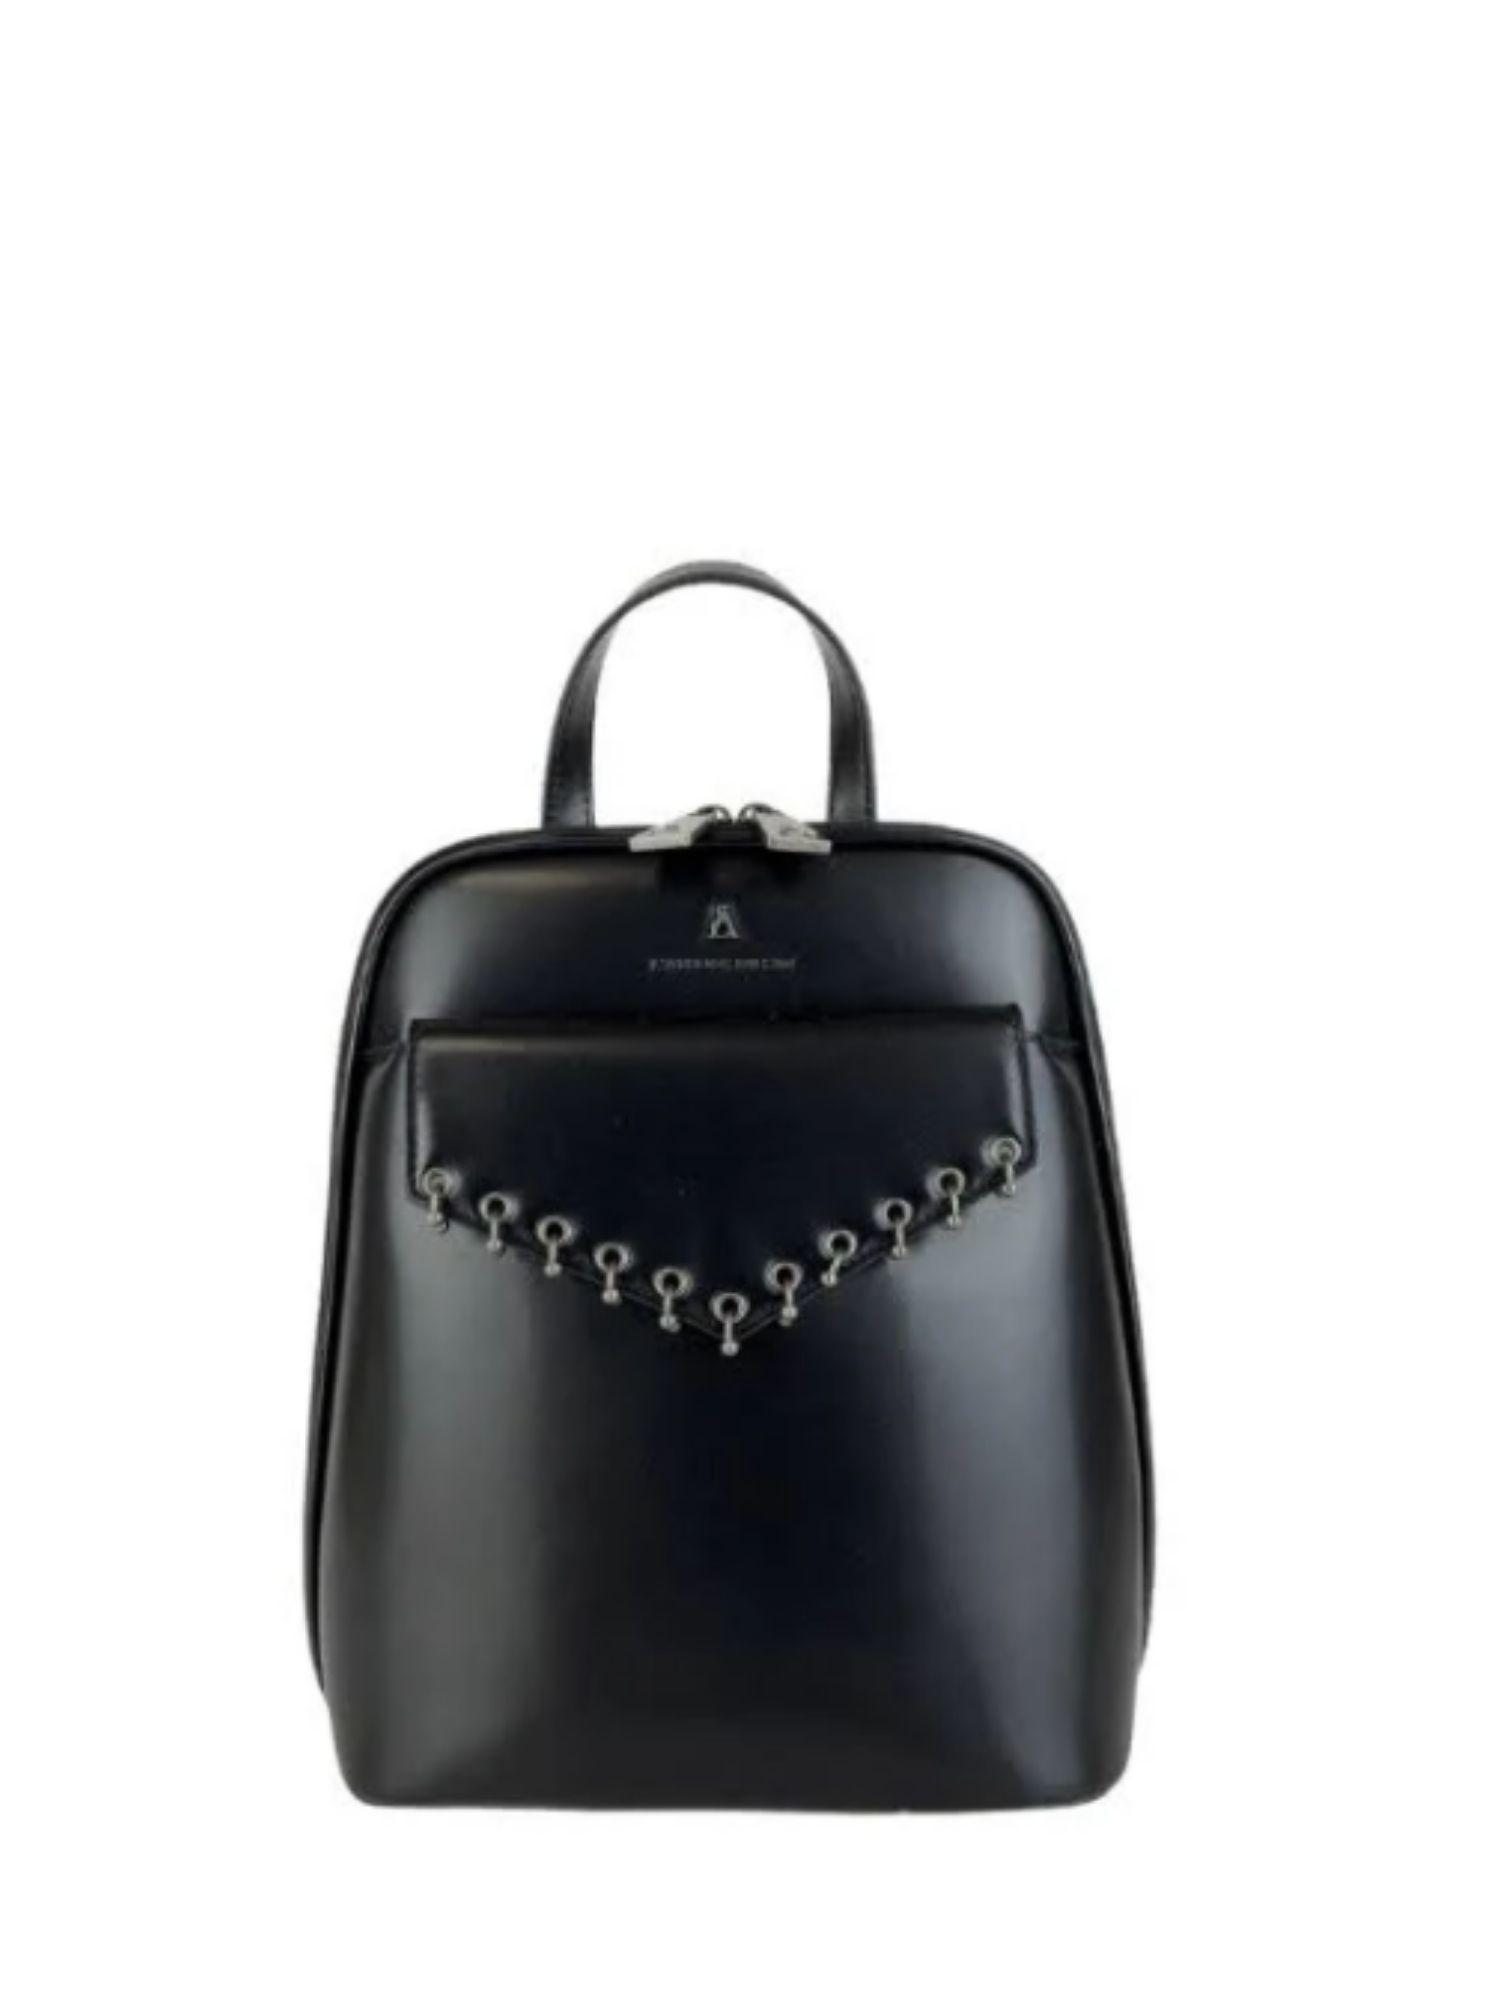 Zaino Atelier Du Sac Pash Bag 10916 Nero